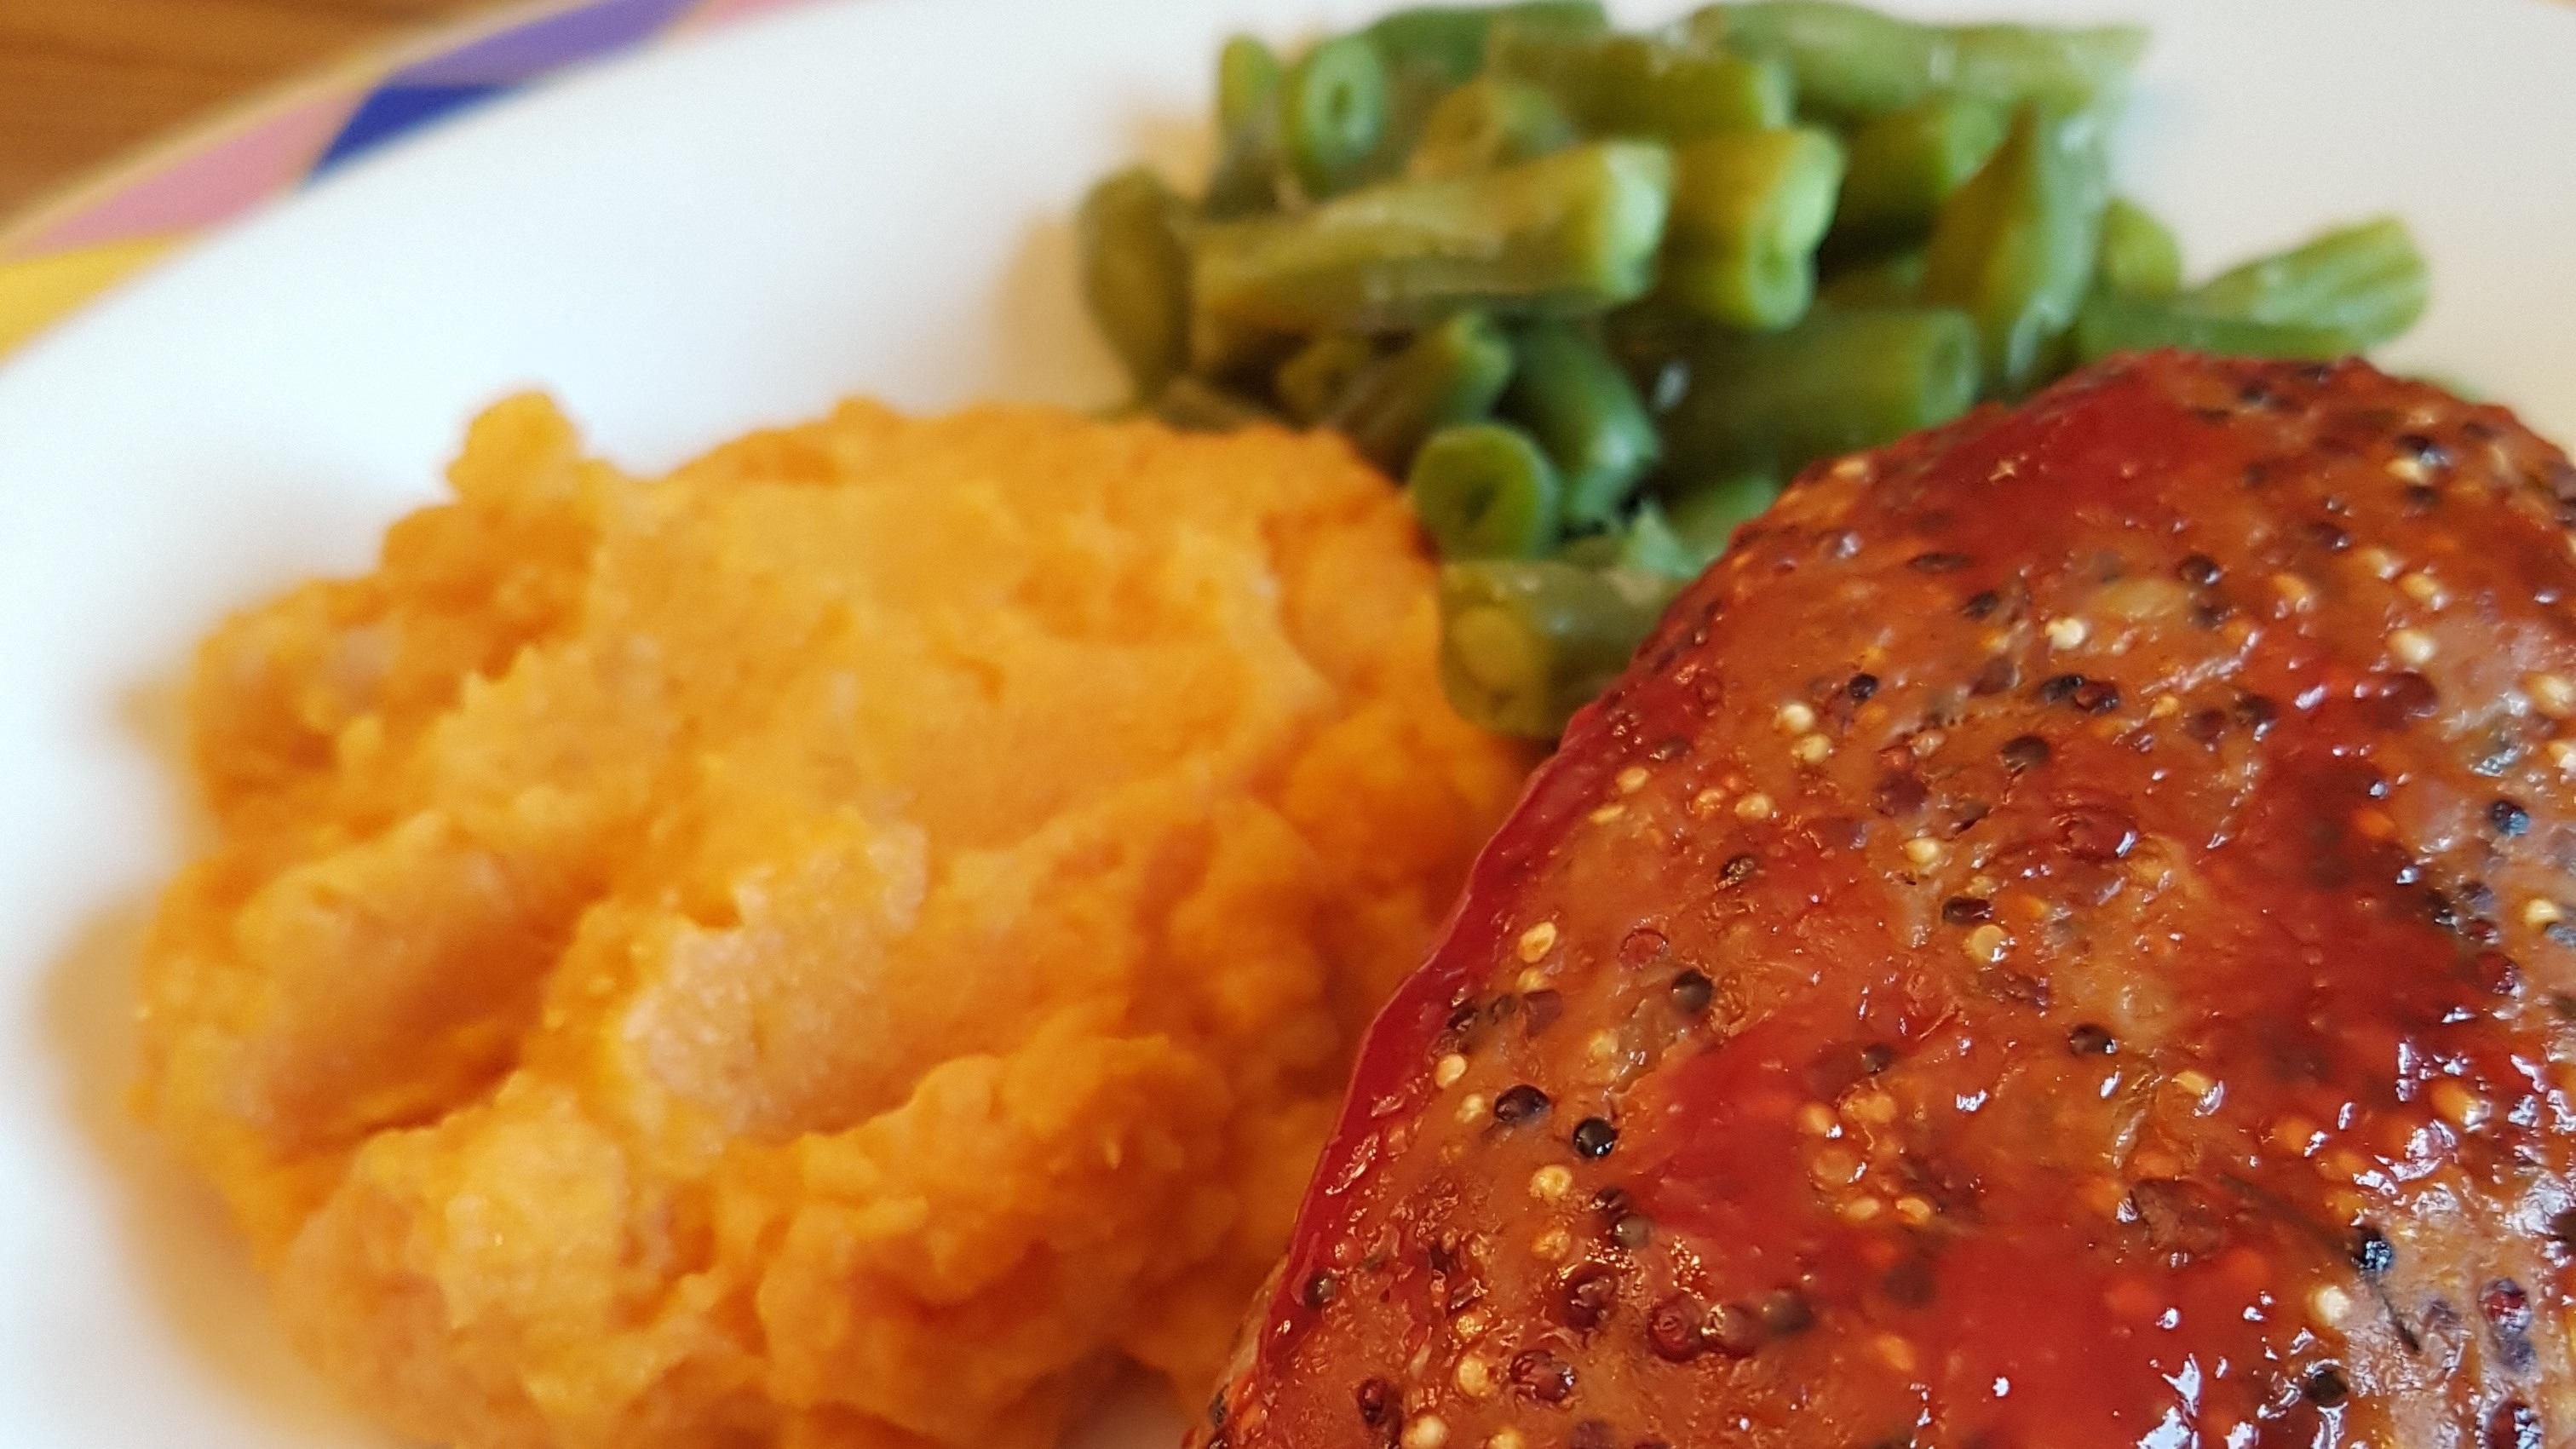 Turquie pain de viande avec des haricots verts et purée de patates douces sur la plaque